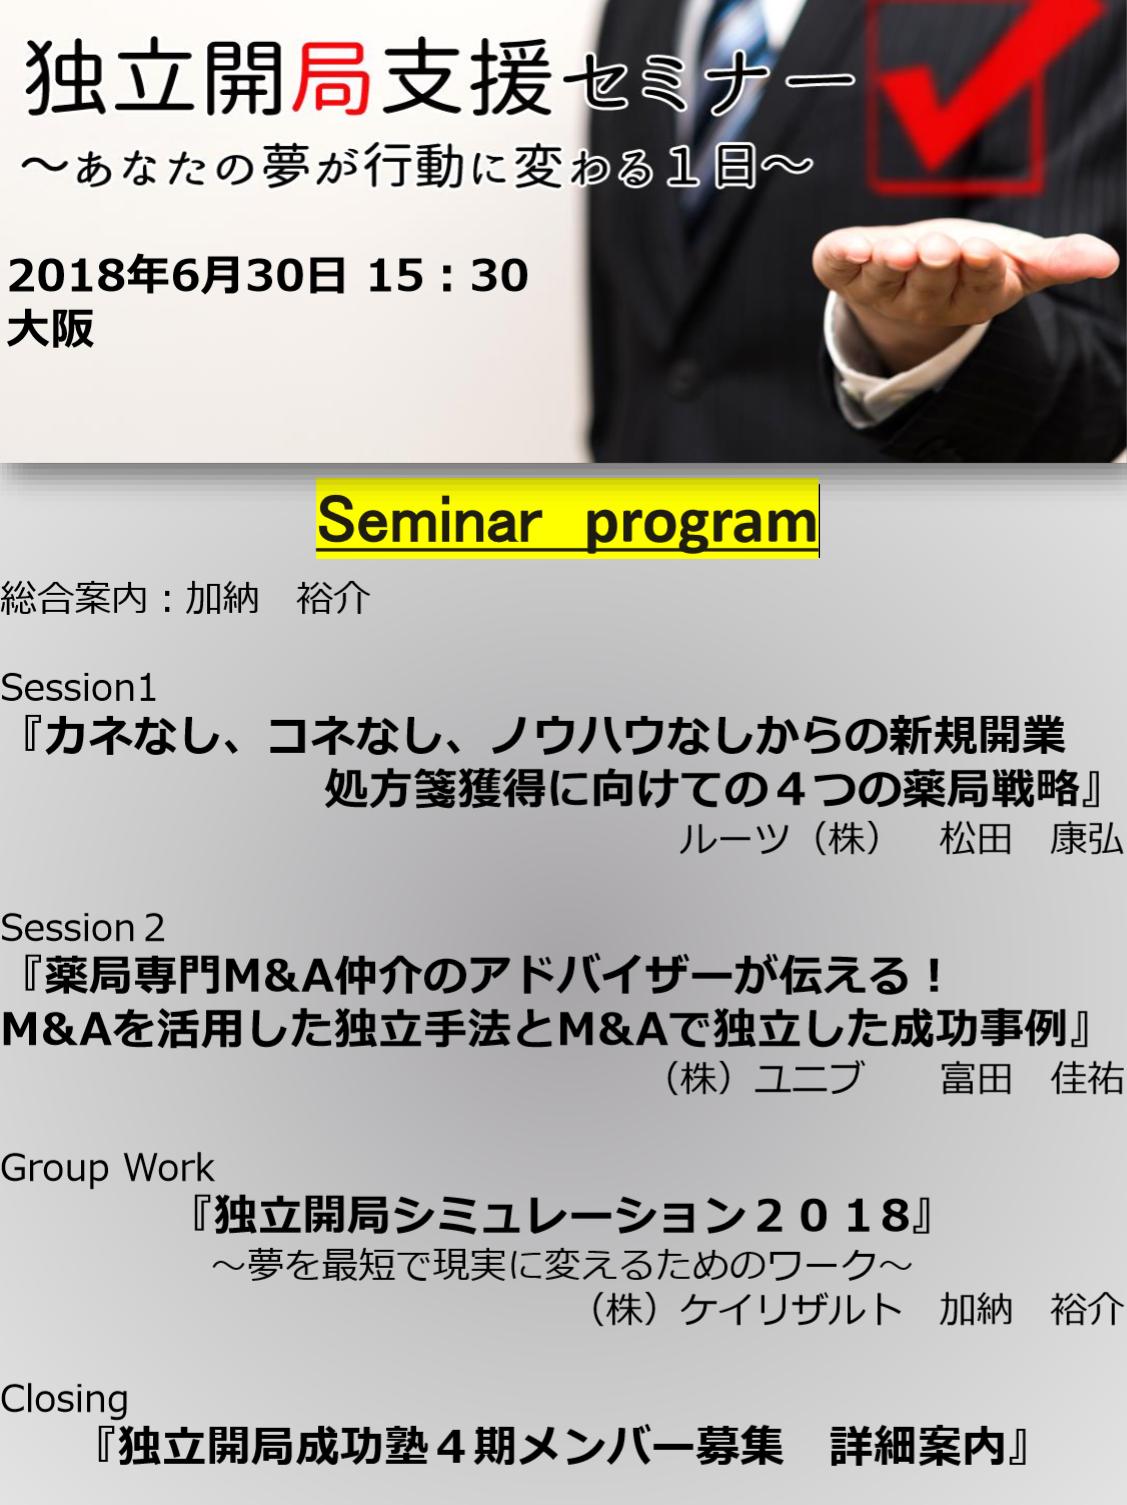 【残り2席】独立開局支援セミナー2018in大阪 詳細プログラム発表!